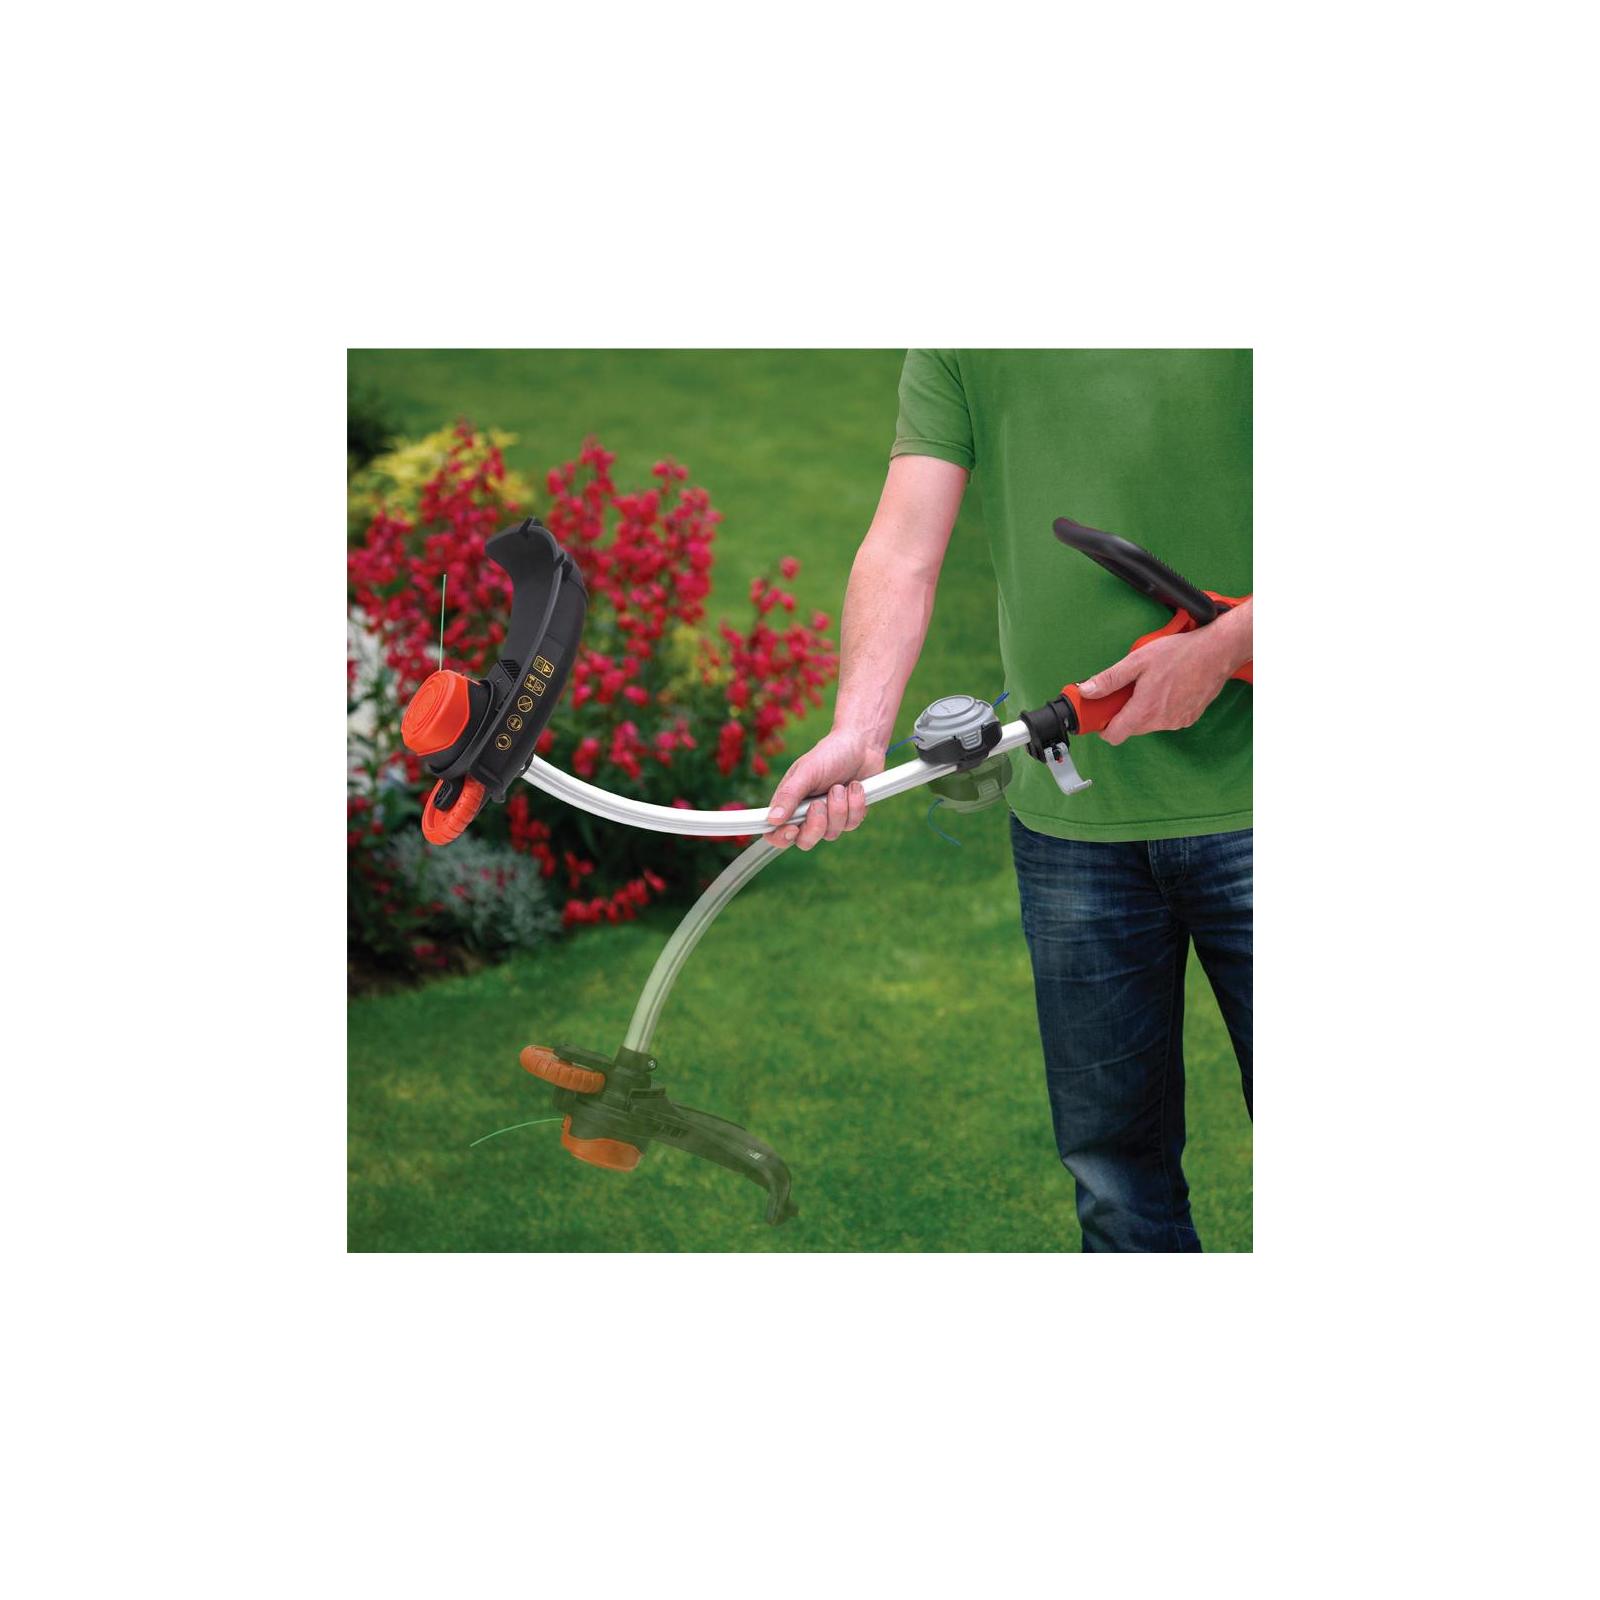 Триммер садовый Black&Decker электрокоса GL9035 (GL9035) изображение 3